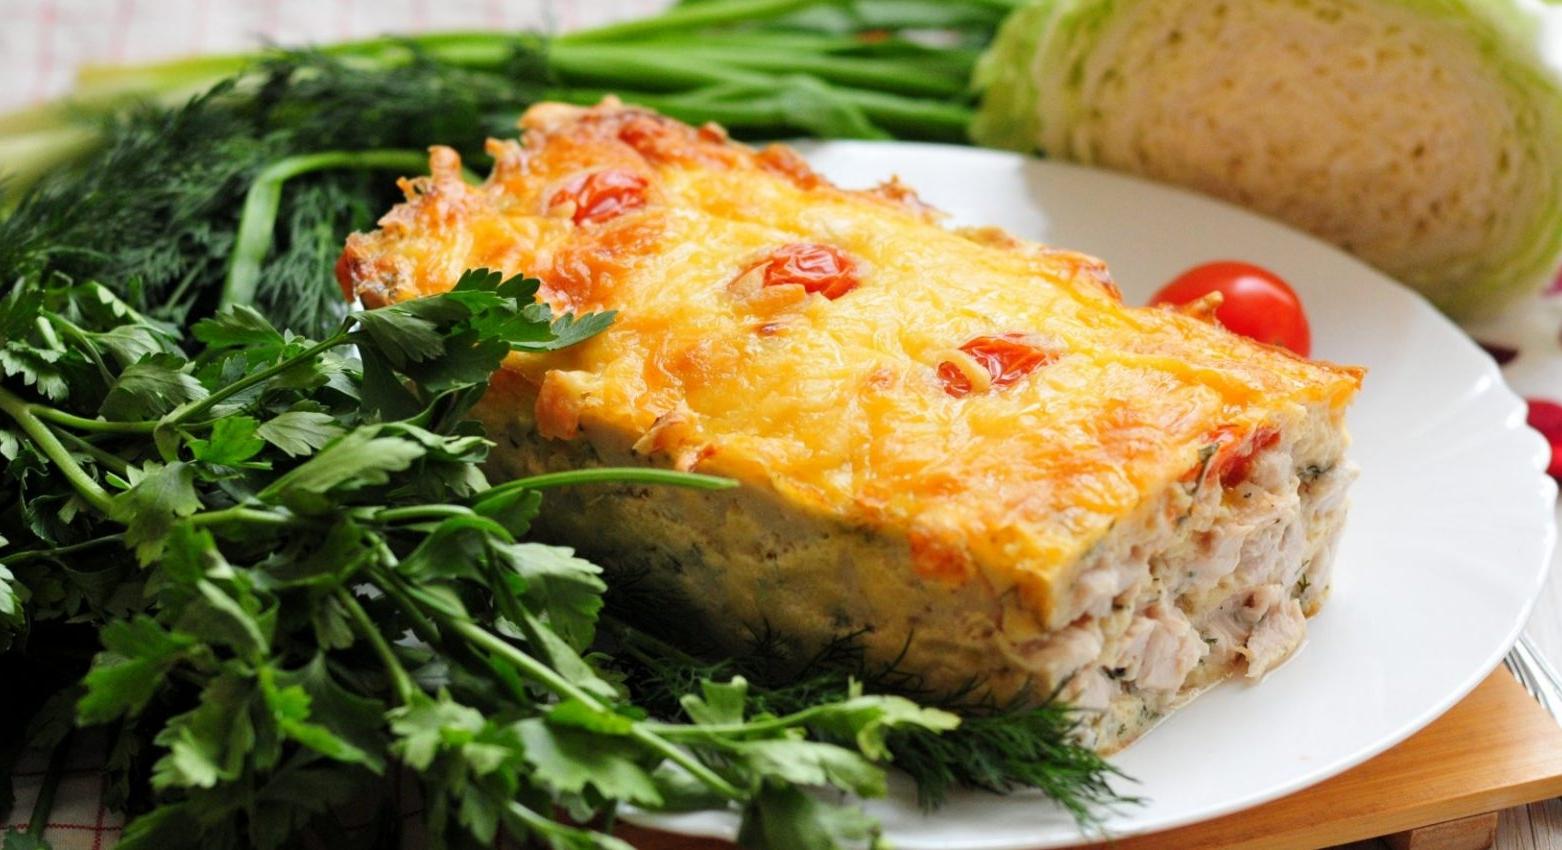 диетические блюда из мяса рецепты с фото прекрасное